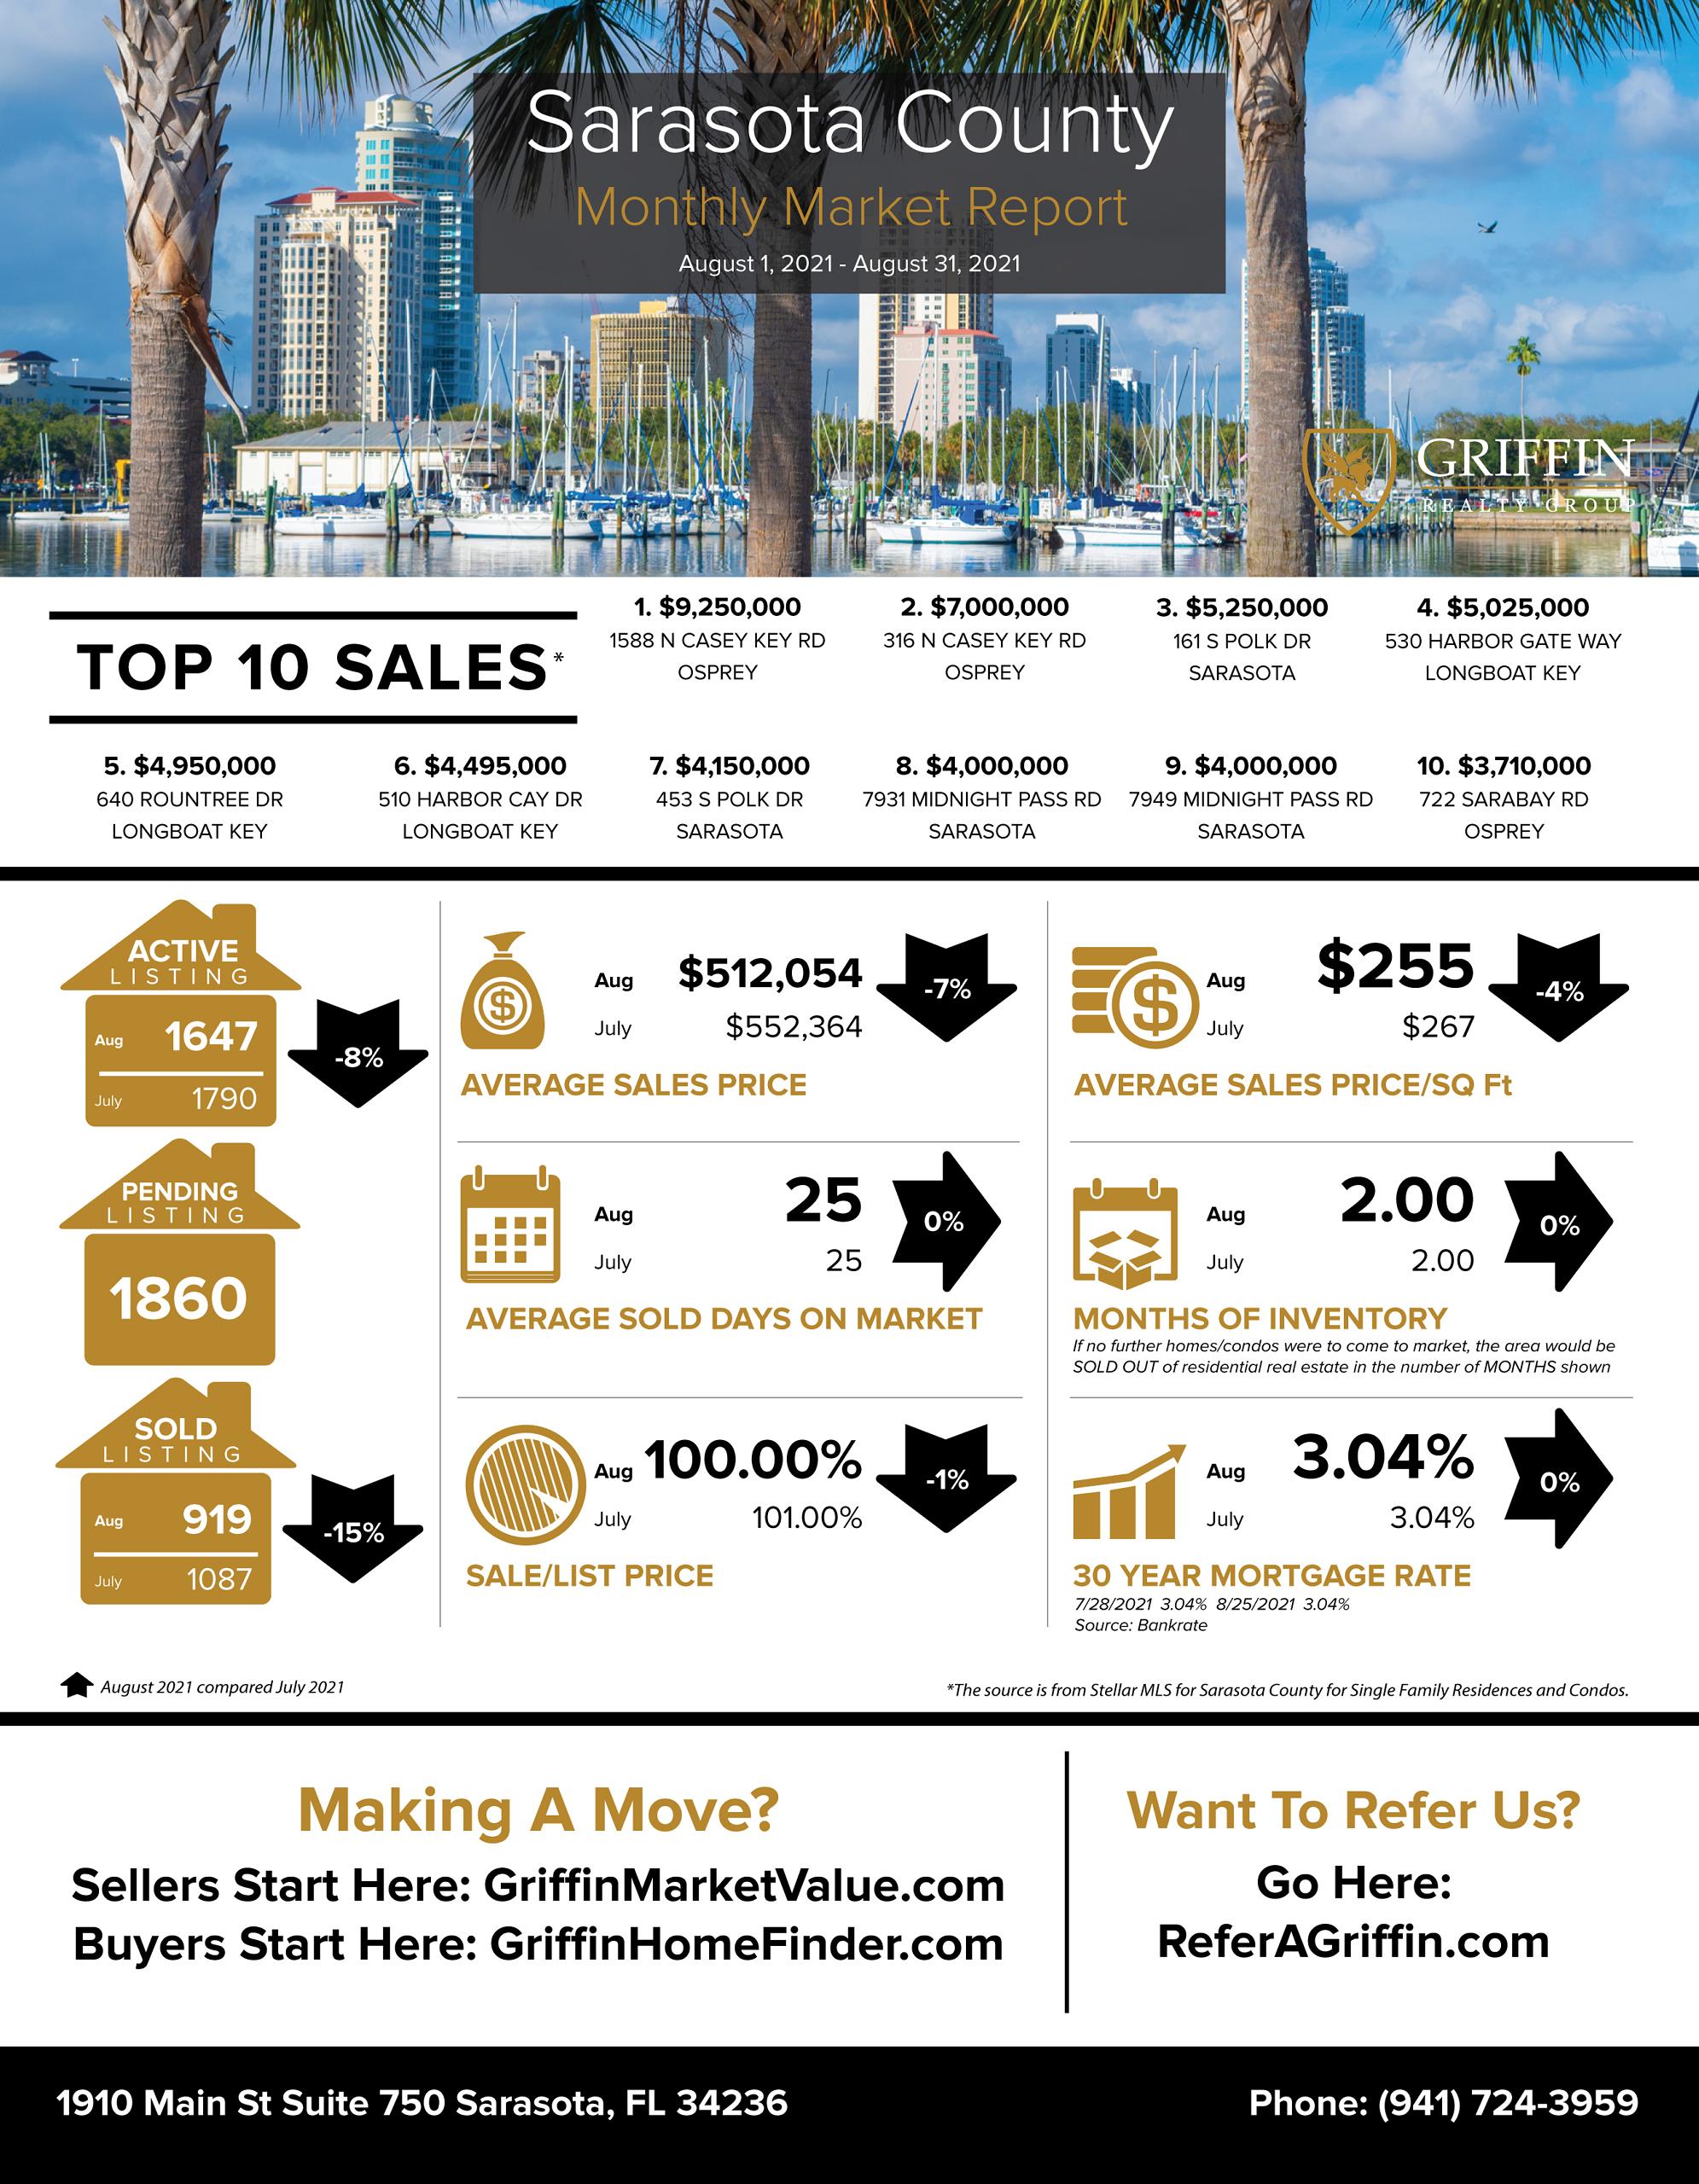 Real Estate Market Update | Sarasota | August 2021 Vs July 2021